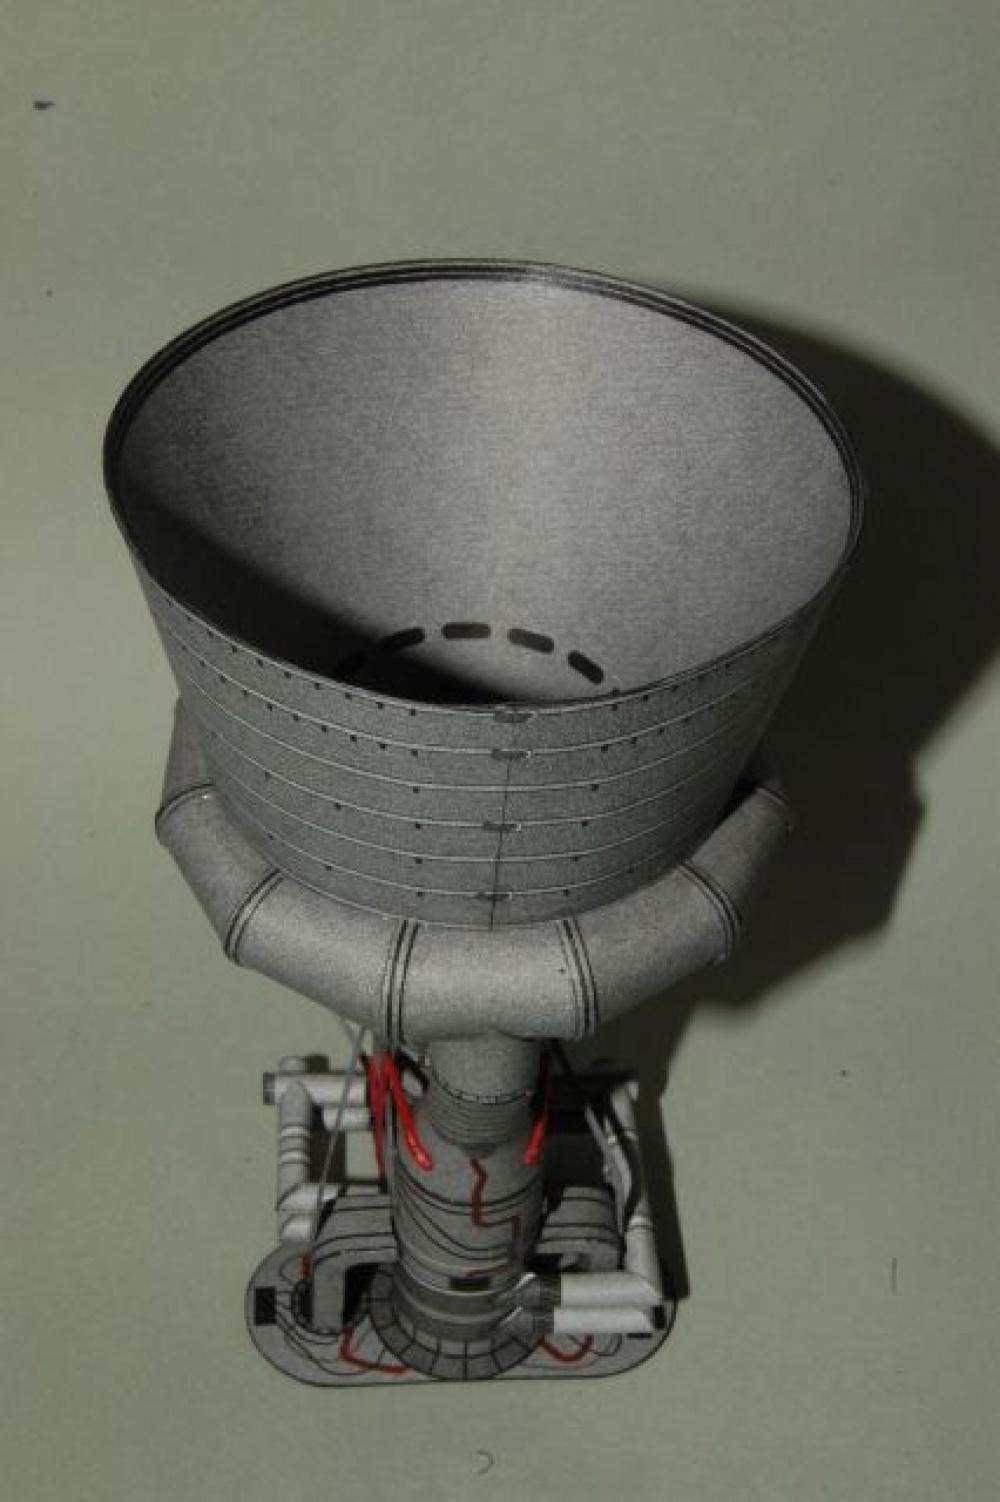 Motor prvního stupně rakety Saturn V - Rocketdyne F-1